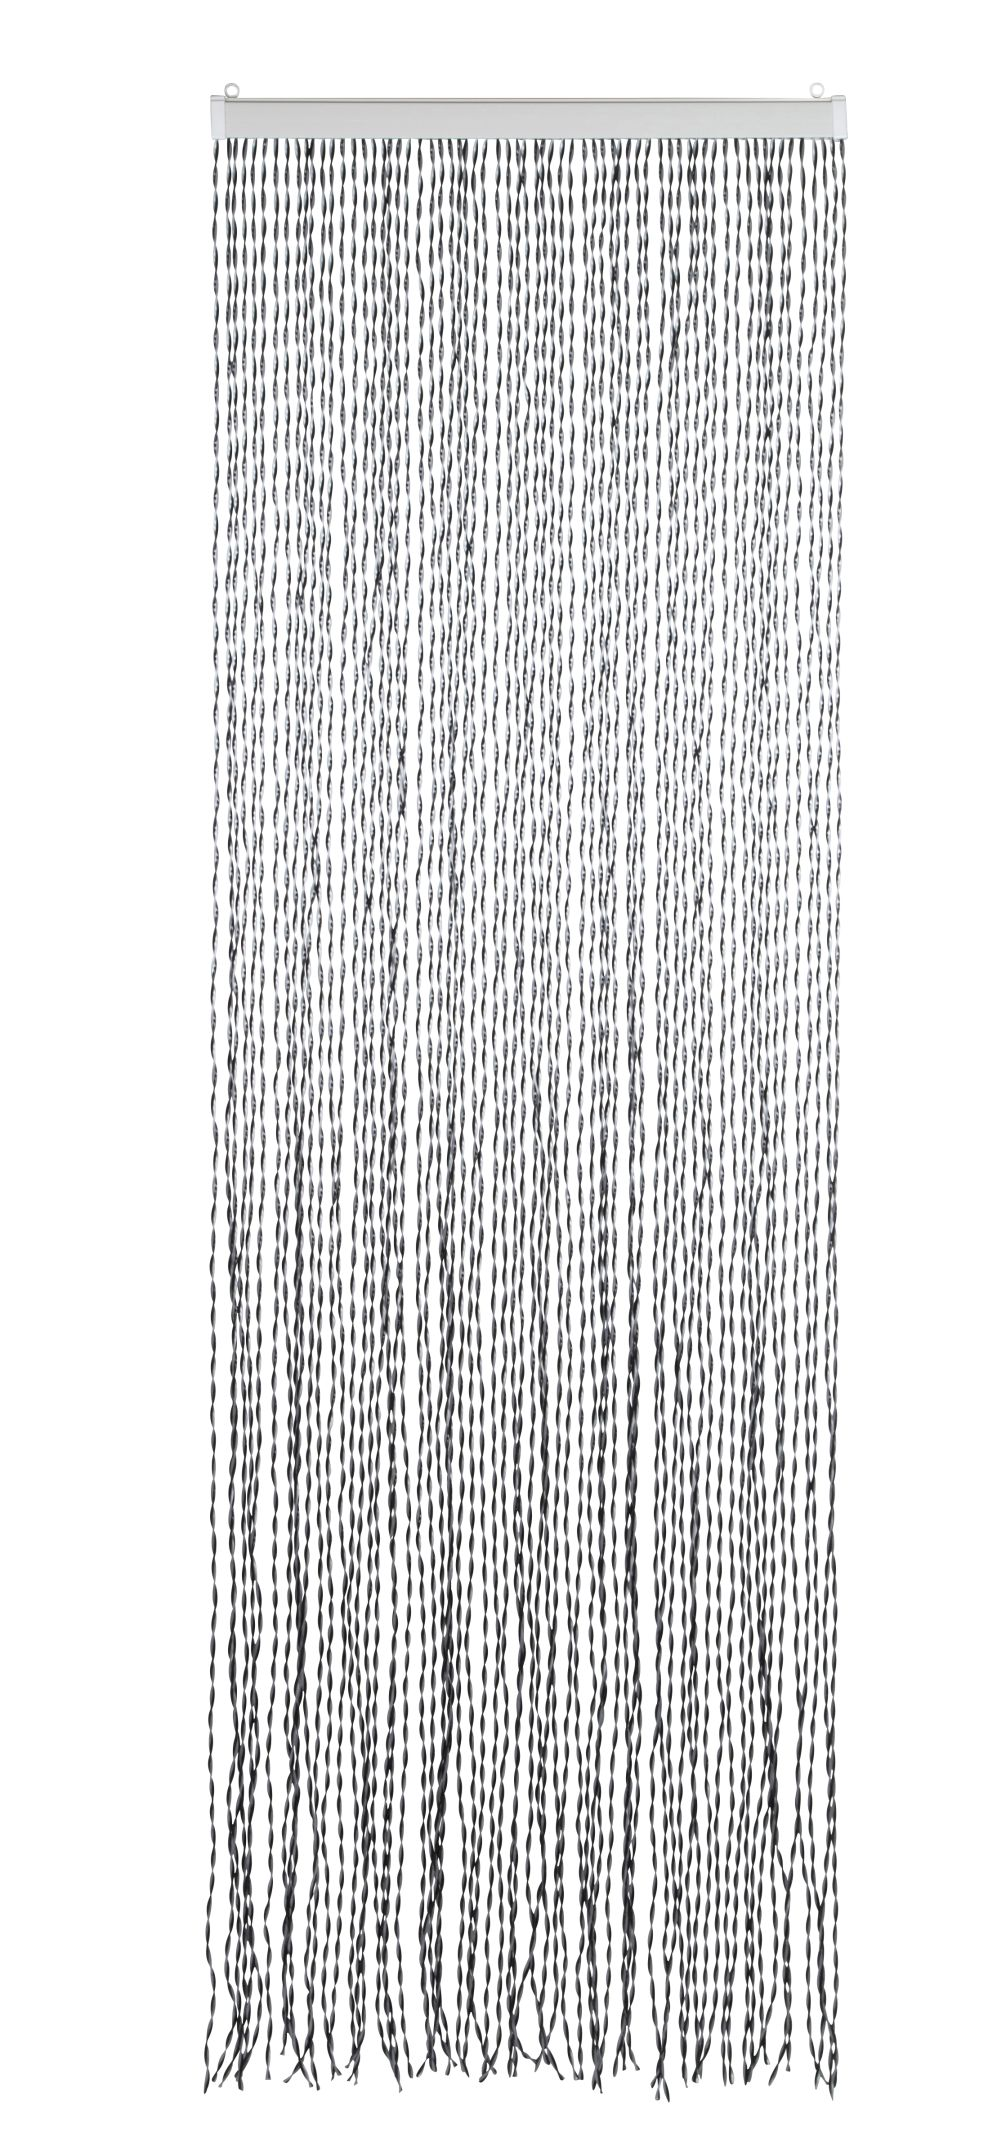 Arisol Vliegengordijn String 60x190